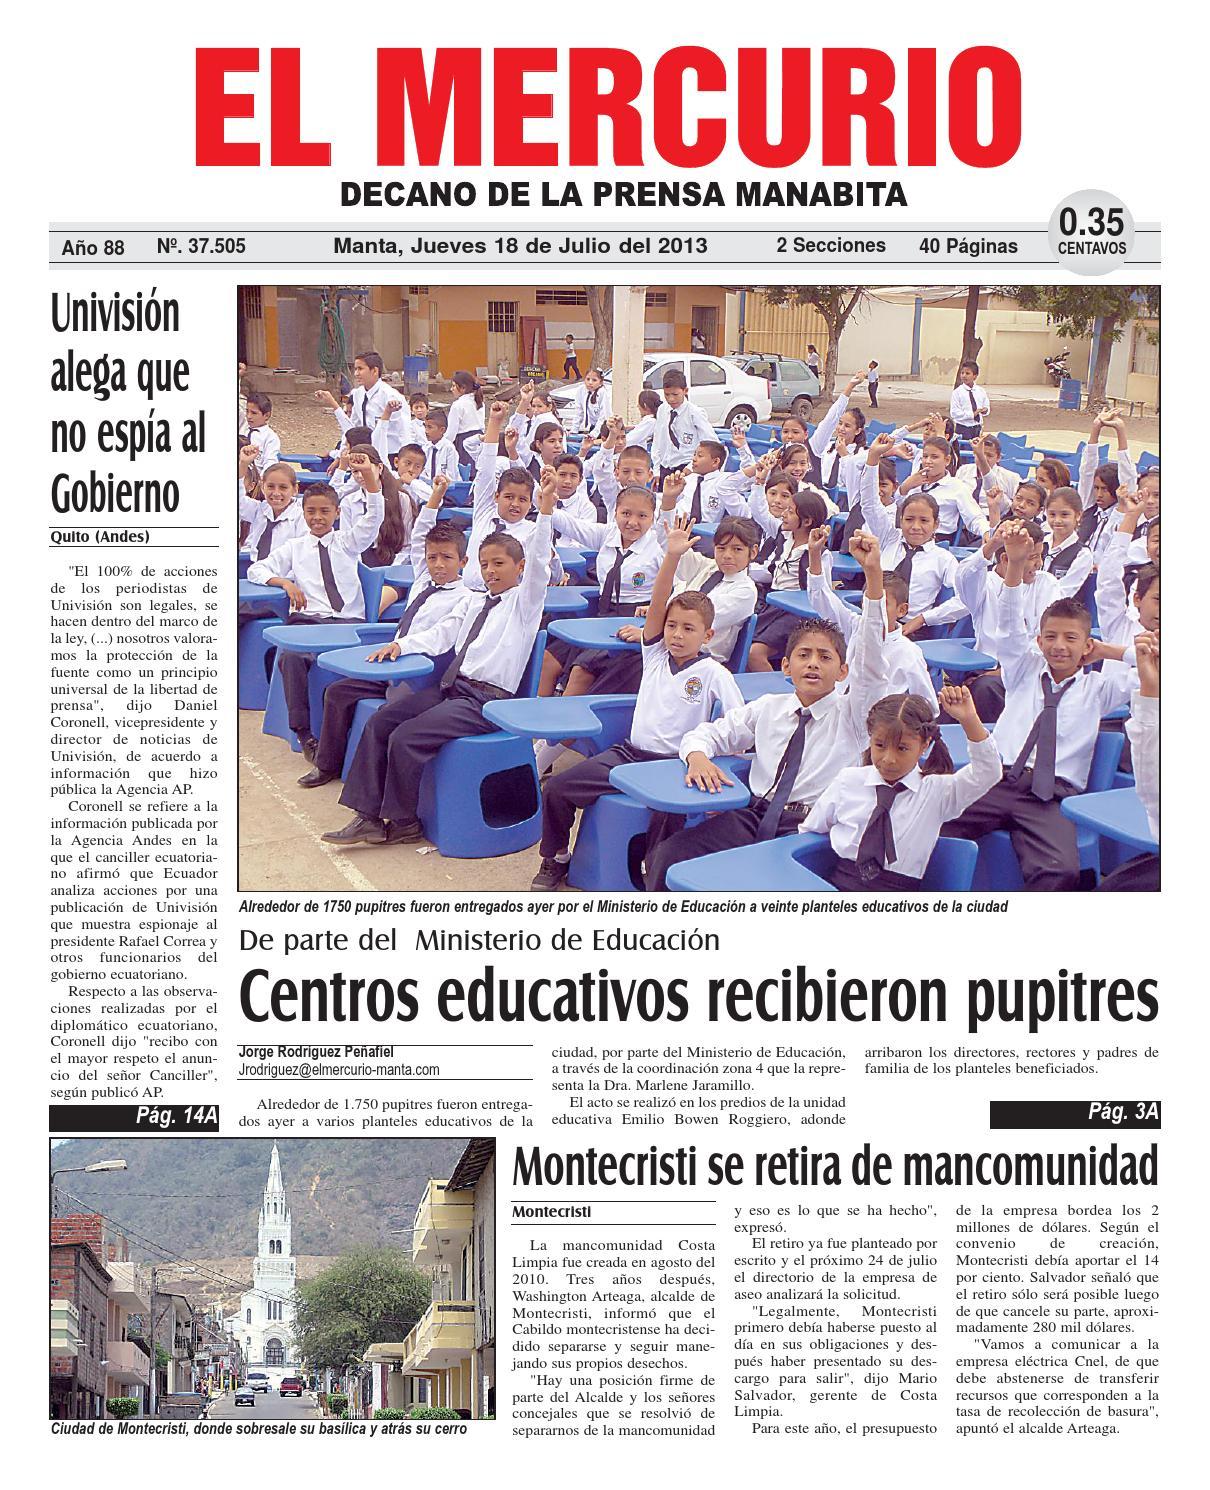 Mercurio jueves 18 de julio de 2013 by Diario El mercurio - issuu